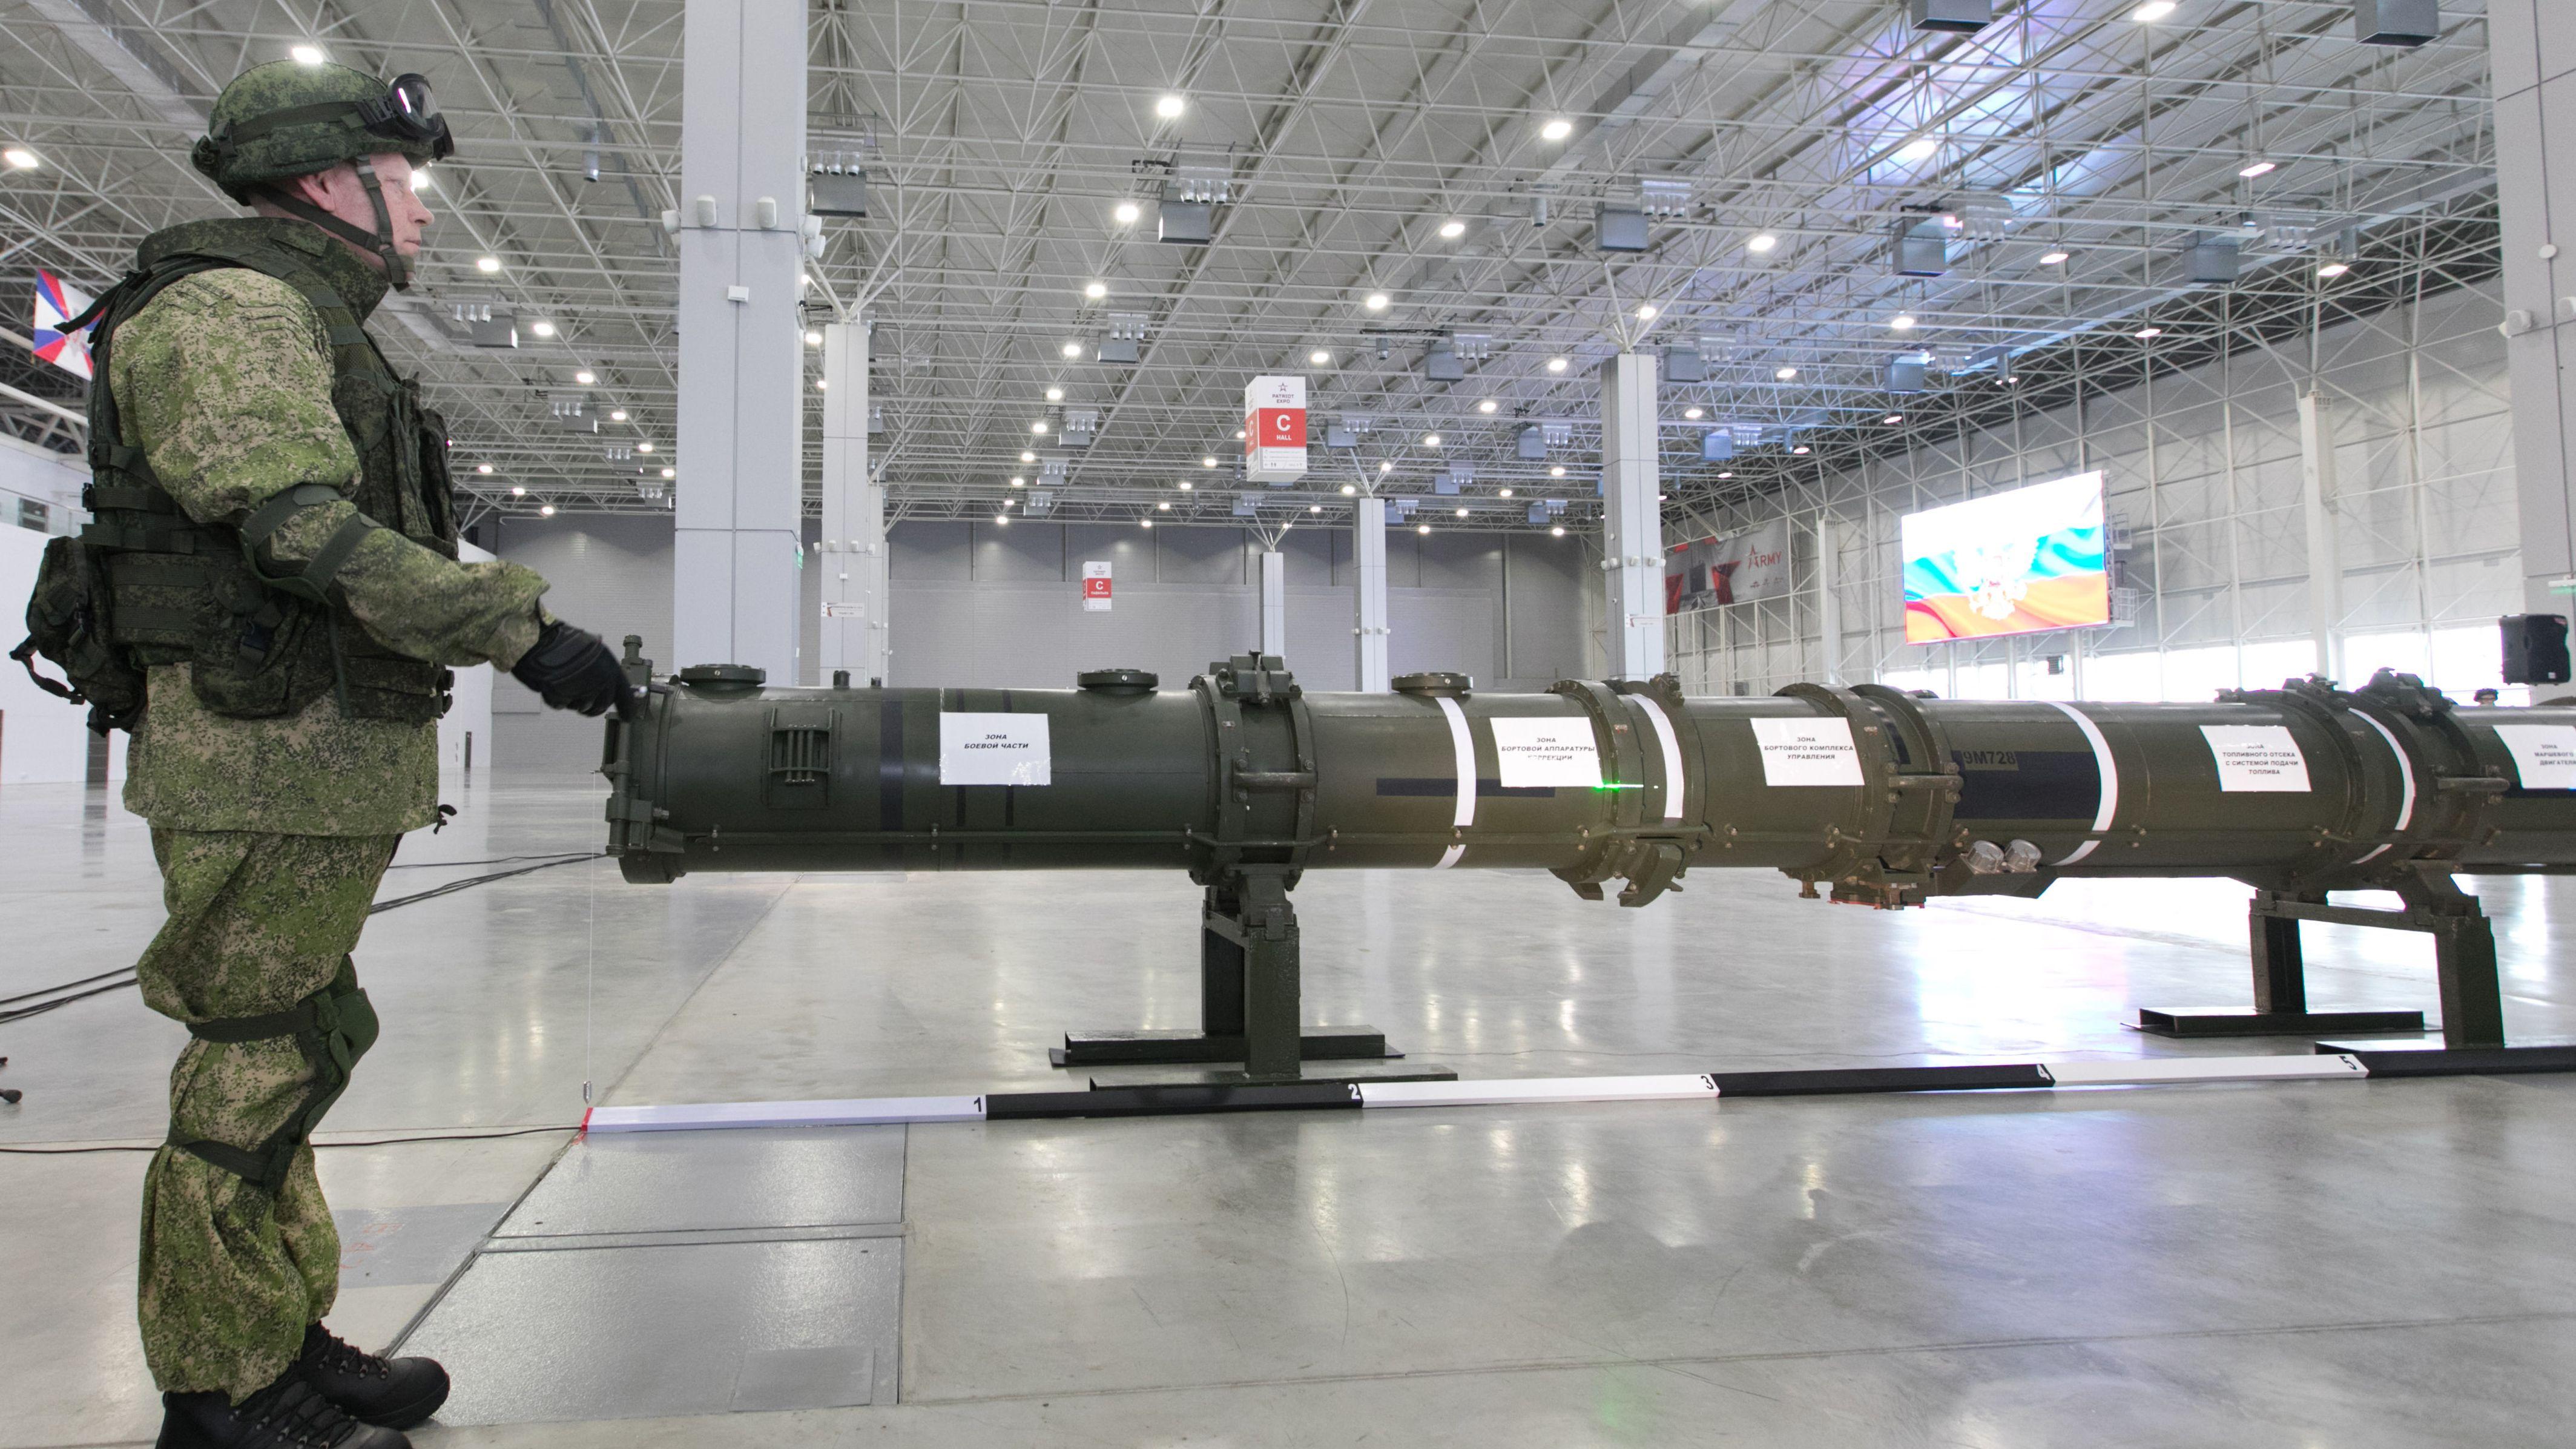 Am 23. Januar 2019 wurde in Moskau ein Raketenbehälter präsentiert, mit dem Russland die Welt davon überzeugen wollte: Die russische Land-Cruise-Rakete 9M729 fällt nicht unter den INF-Vertrag. Vertreter der USA sind anderer Ansicht.